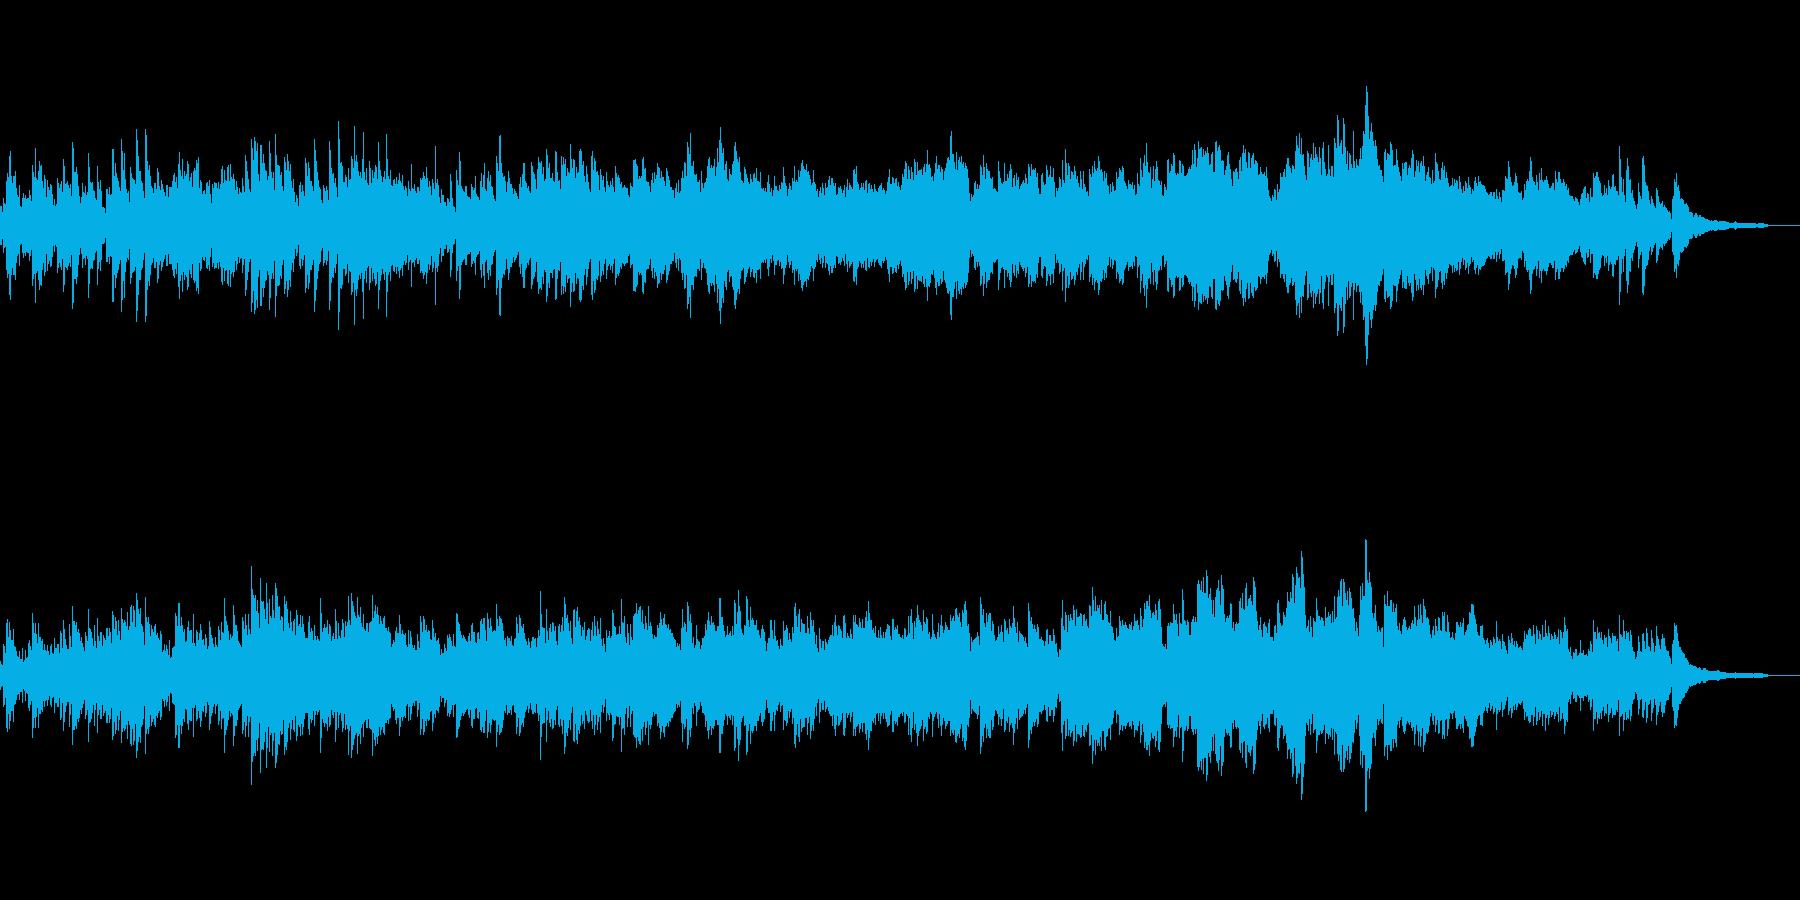 バッハ平均律クラヴィーア1番 ピアノ演奏の再生済みの波形